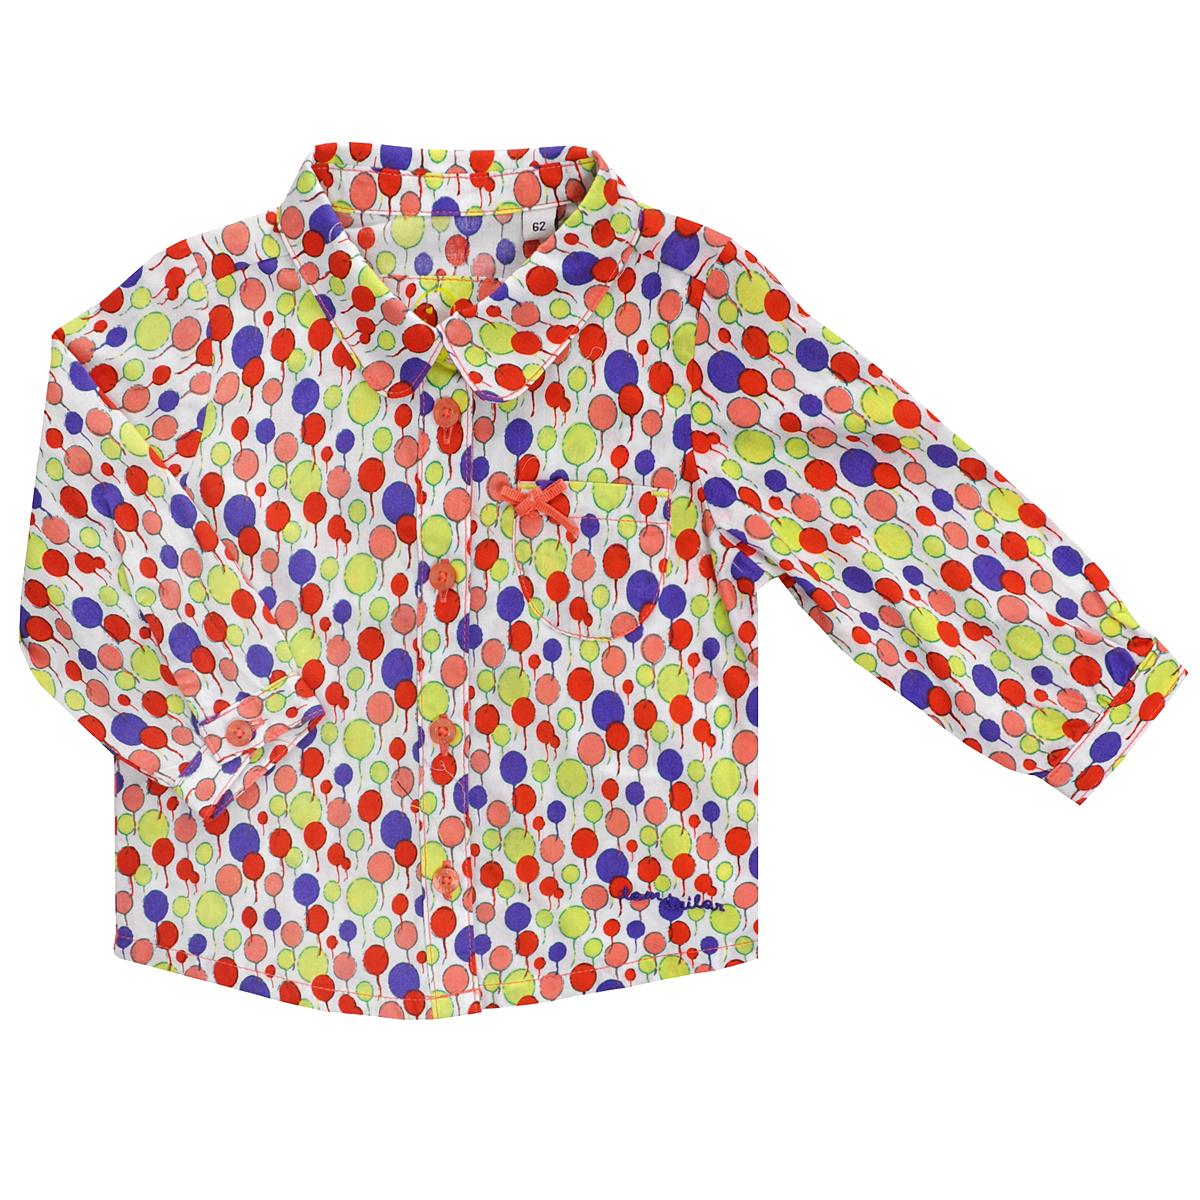 Блуза для девочки. 2018423.00.212018423.00.21Очаровательная блуза для девочки Tom Tailor идеально подойдет вашей малышке. Изготовленная из натурального хлопка, она необычайно мягкая и приятная на ощупь, не сковывает движения малышки и позволяет коже дышать, не раздражает даже самую нежную и чувствительную кожу ребенка, обеспечивая ему наибольший комфорт. Блуза с отложным воротничком и длинными рукавами застегивается на пуговицы. На груди она дополнена накладным кармашком, декорированным бантиком. Рукава понизу дополнены неширокими манжетами на пуговице. Оформлена блузка ярким принтом с изображением воздушных шаров, а также вышитой надписью Tom Tailor. Оригинальный и современный дизайн делает эту блузу модным и стильным предметом детского гардероба. В ней ваша маленькая леди всегда будет в центре внимания!